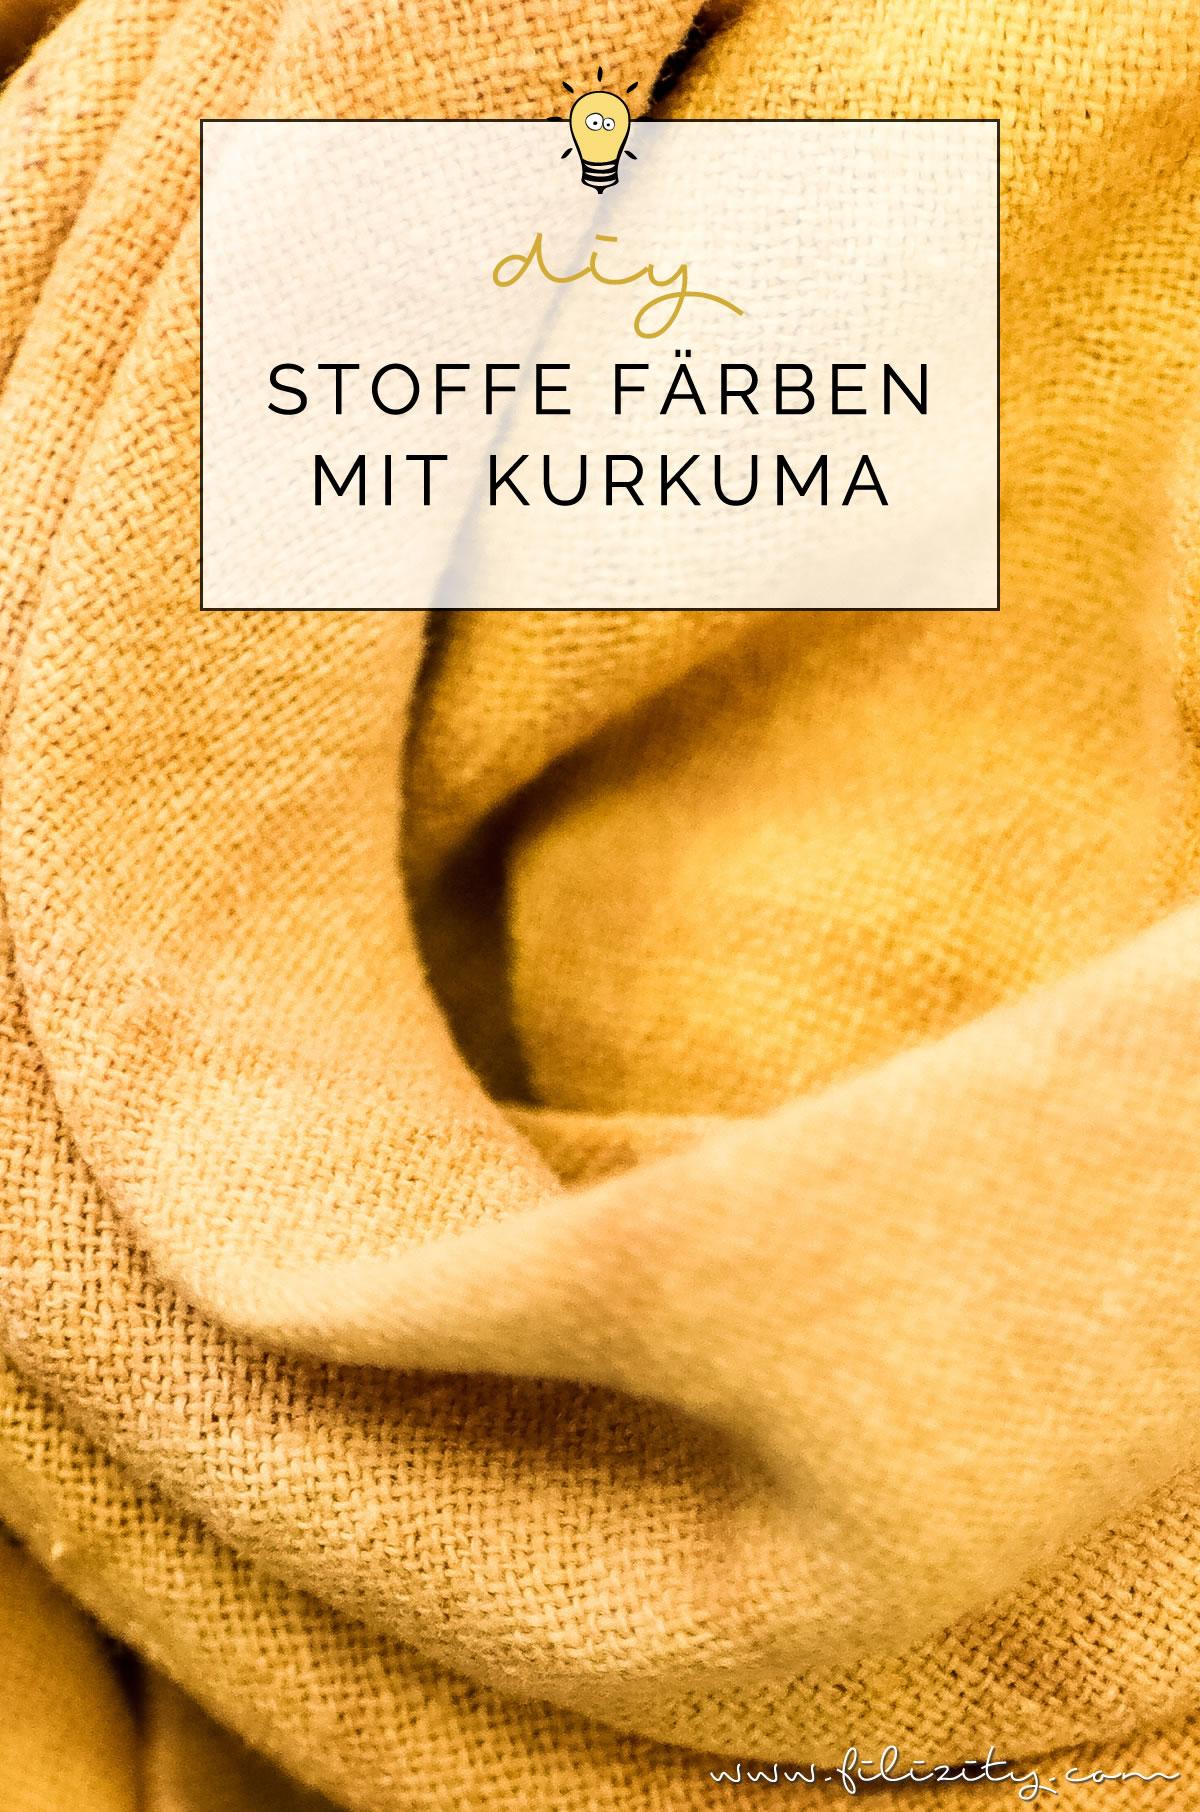 So einfach kannst du Stoffe natürlich färben - DIY Textilfarbe mit Kurkuma | Filizity.com | DIY-Blog aus dem Rheinland #diy #natur #kurkuma